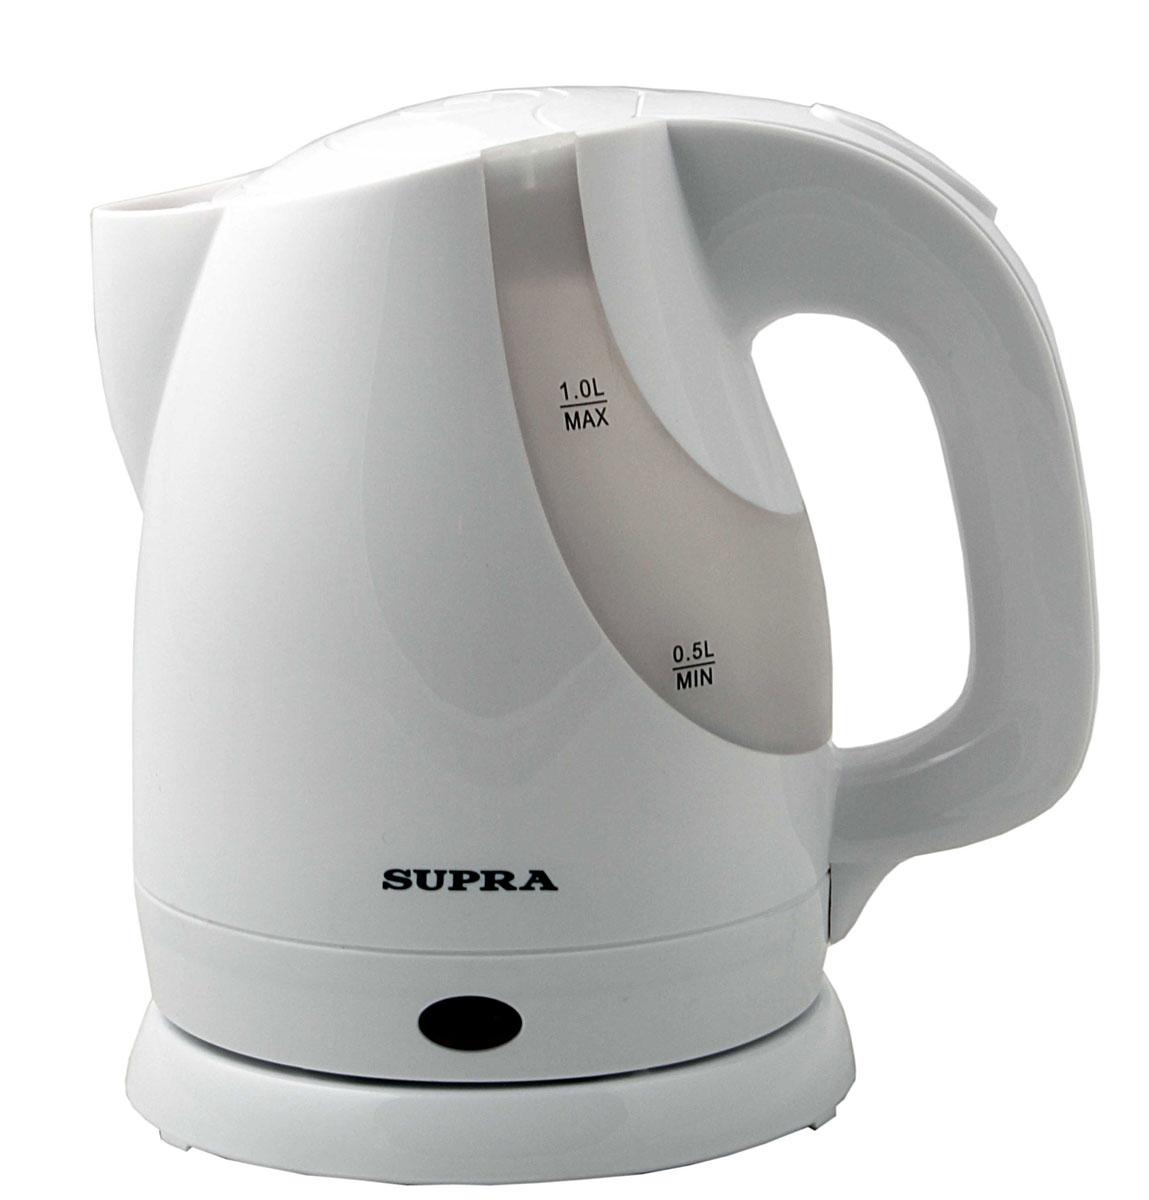 Supra KES-1021 электрочайникKES-1021Электрический чайник Supra KES-1021 - это стильная модель объёмом 1 литр. Лёгкий и компактный, он не займёт много места в дорожной сумке или чемодане, и у вас под рукой всегда будет кипяток. Прочный пластик, из которого изготовлен прибор, выдержит случайные удары и падения. С помощью большой мощности 1300 Вт чайник вскипятит воду в течение 3-х минут. Тонкая металлическая пластина из нержавеющей стали скрывает нагревательный элемент электроприбора и защищает его от наседания накипи, а также даёт возможность вскипятить небольшое количество воды. Фильтр, расположенный в носике чайника, предотвратит попадание накипи в чашку и не испортит вкус кофе или чая. Угол поворота прибора на подставке составляет 360 градусов, что предоставляет дополнительное удобство. Удобная форма носика позволяет наполнить чашку кипятком, не пролив ни одной капли. Наличие двухстороннего индикатора уровня в чайнике Supra KES1021 поможет визуально определить количество налитой воды в чайнике, не открывая...